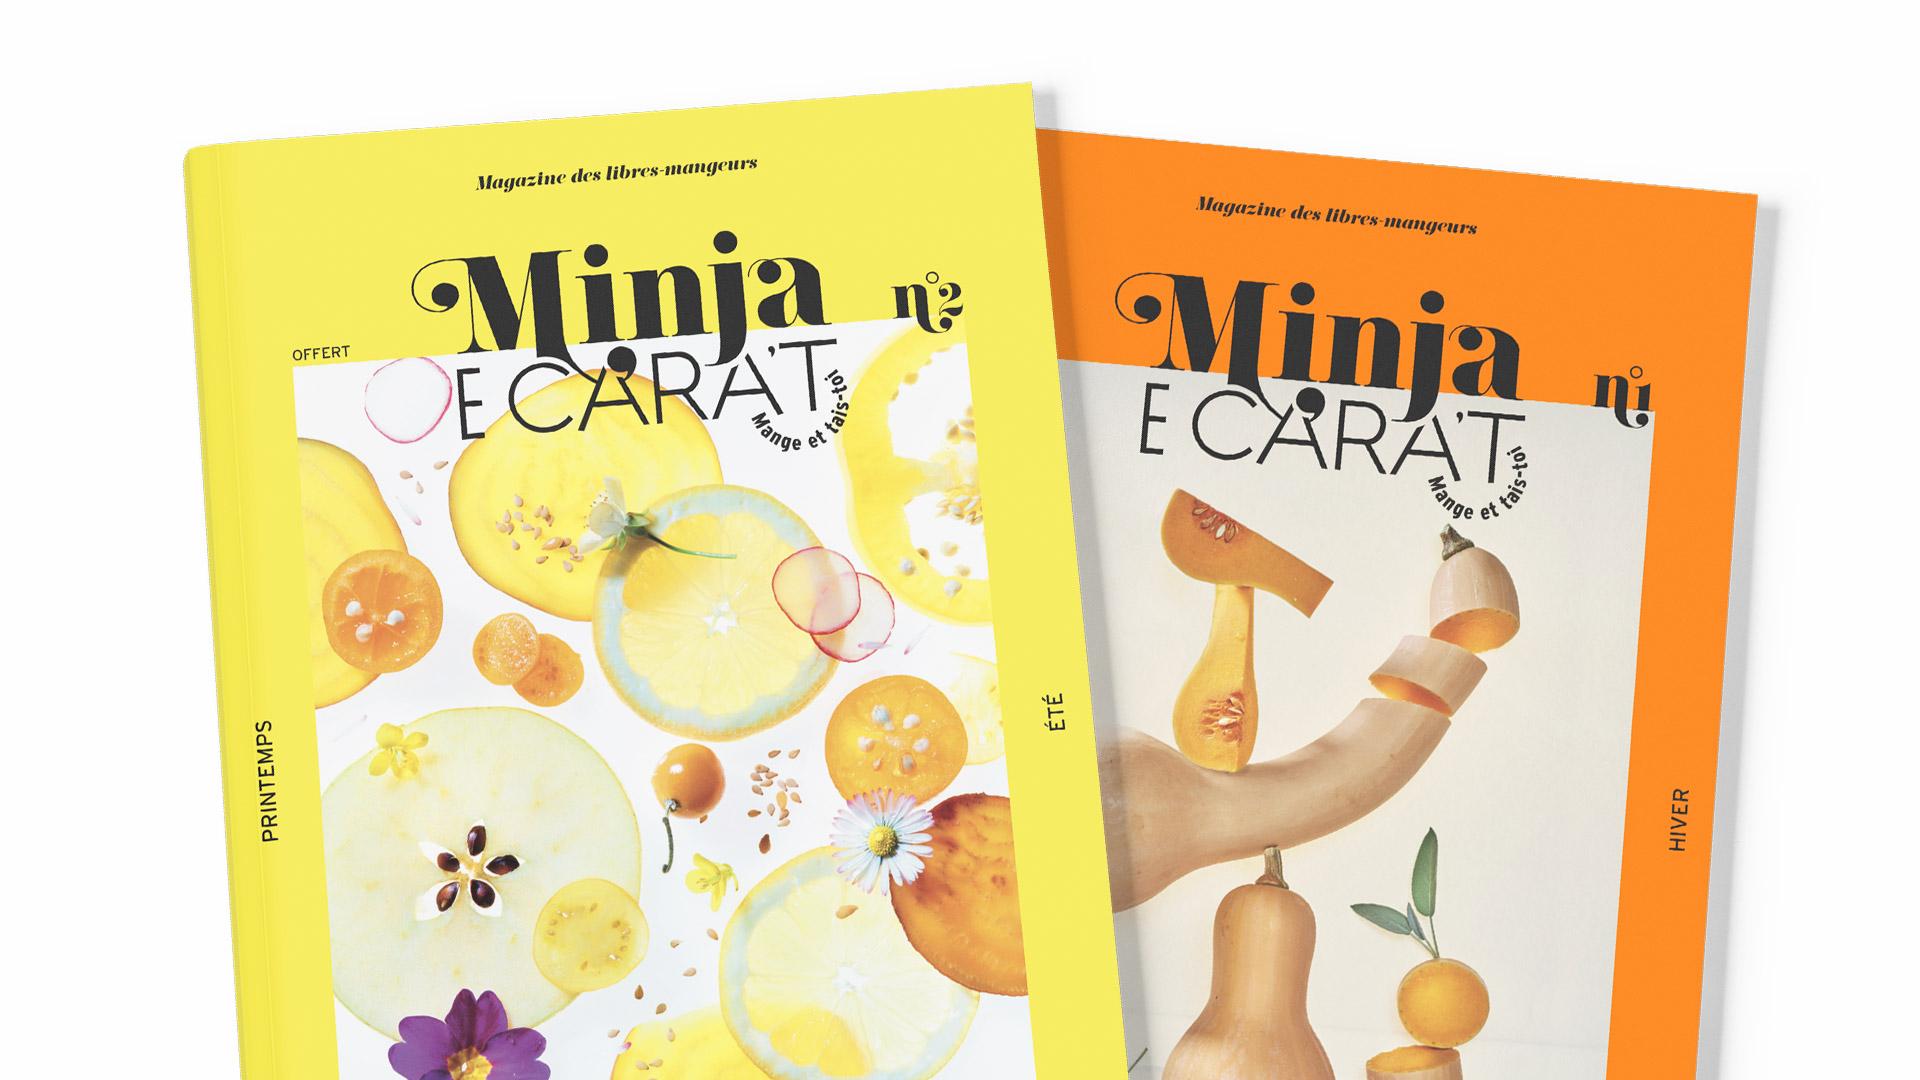 Minja E Cara't, le magazine des libres-mangeurs